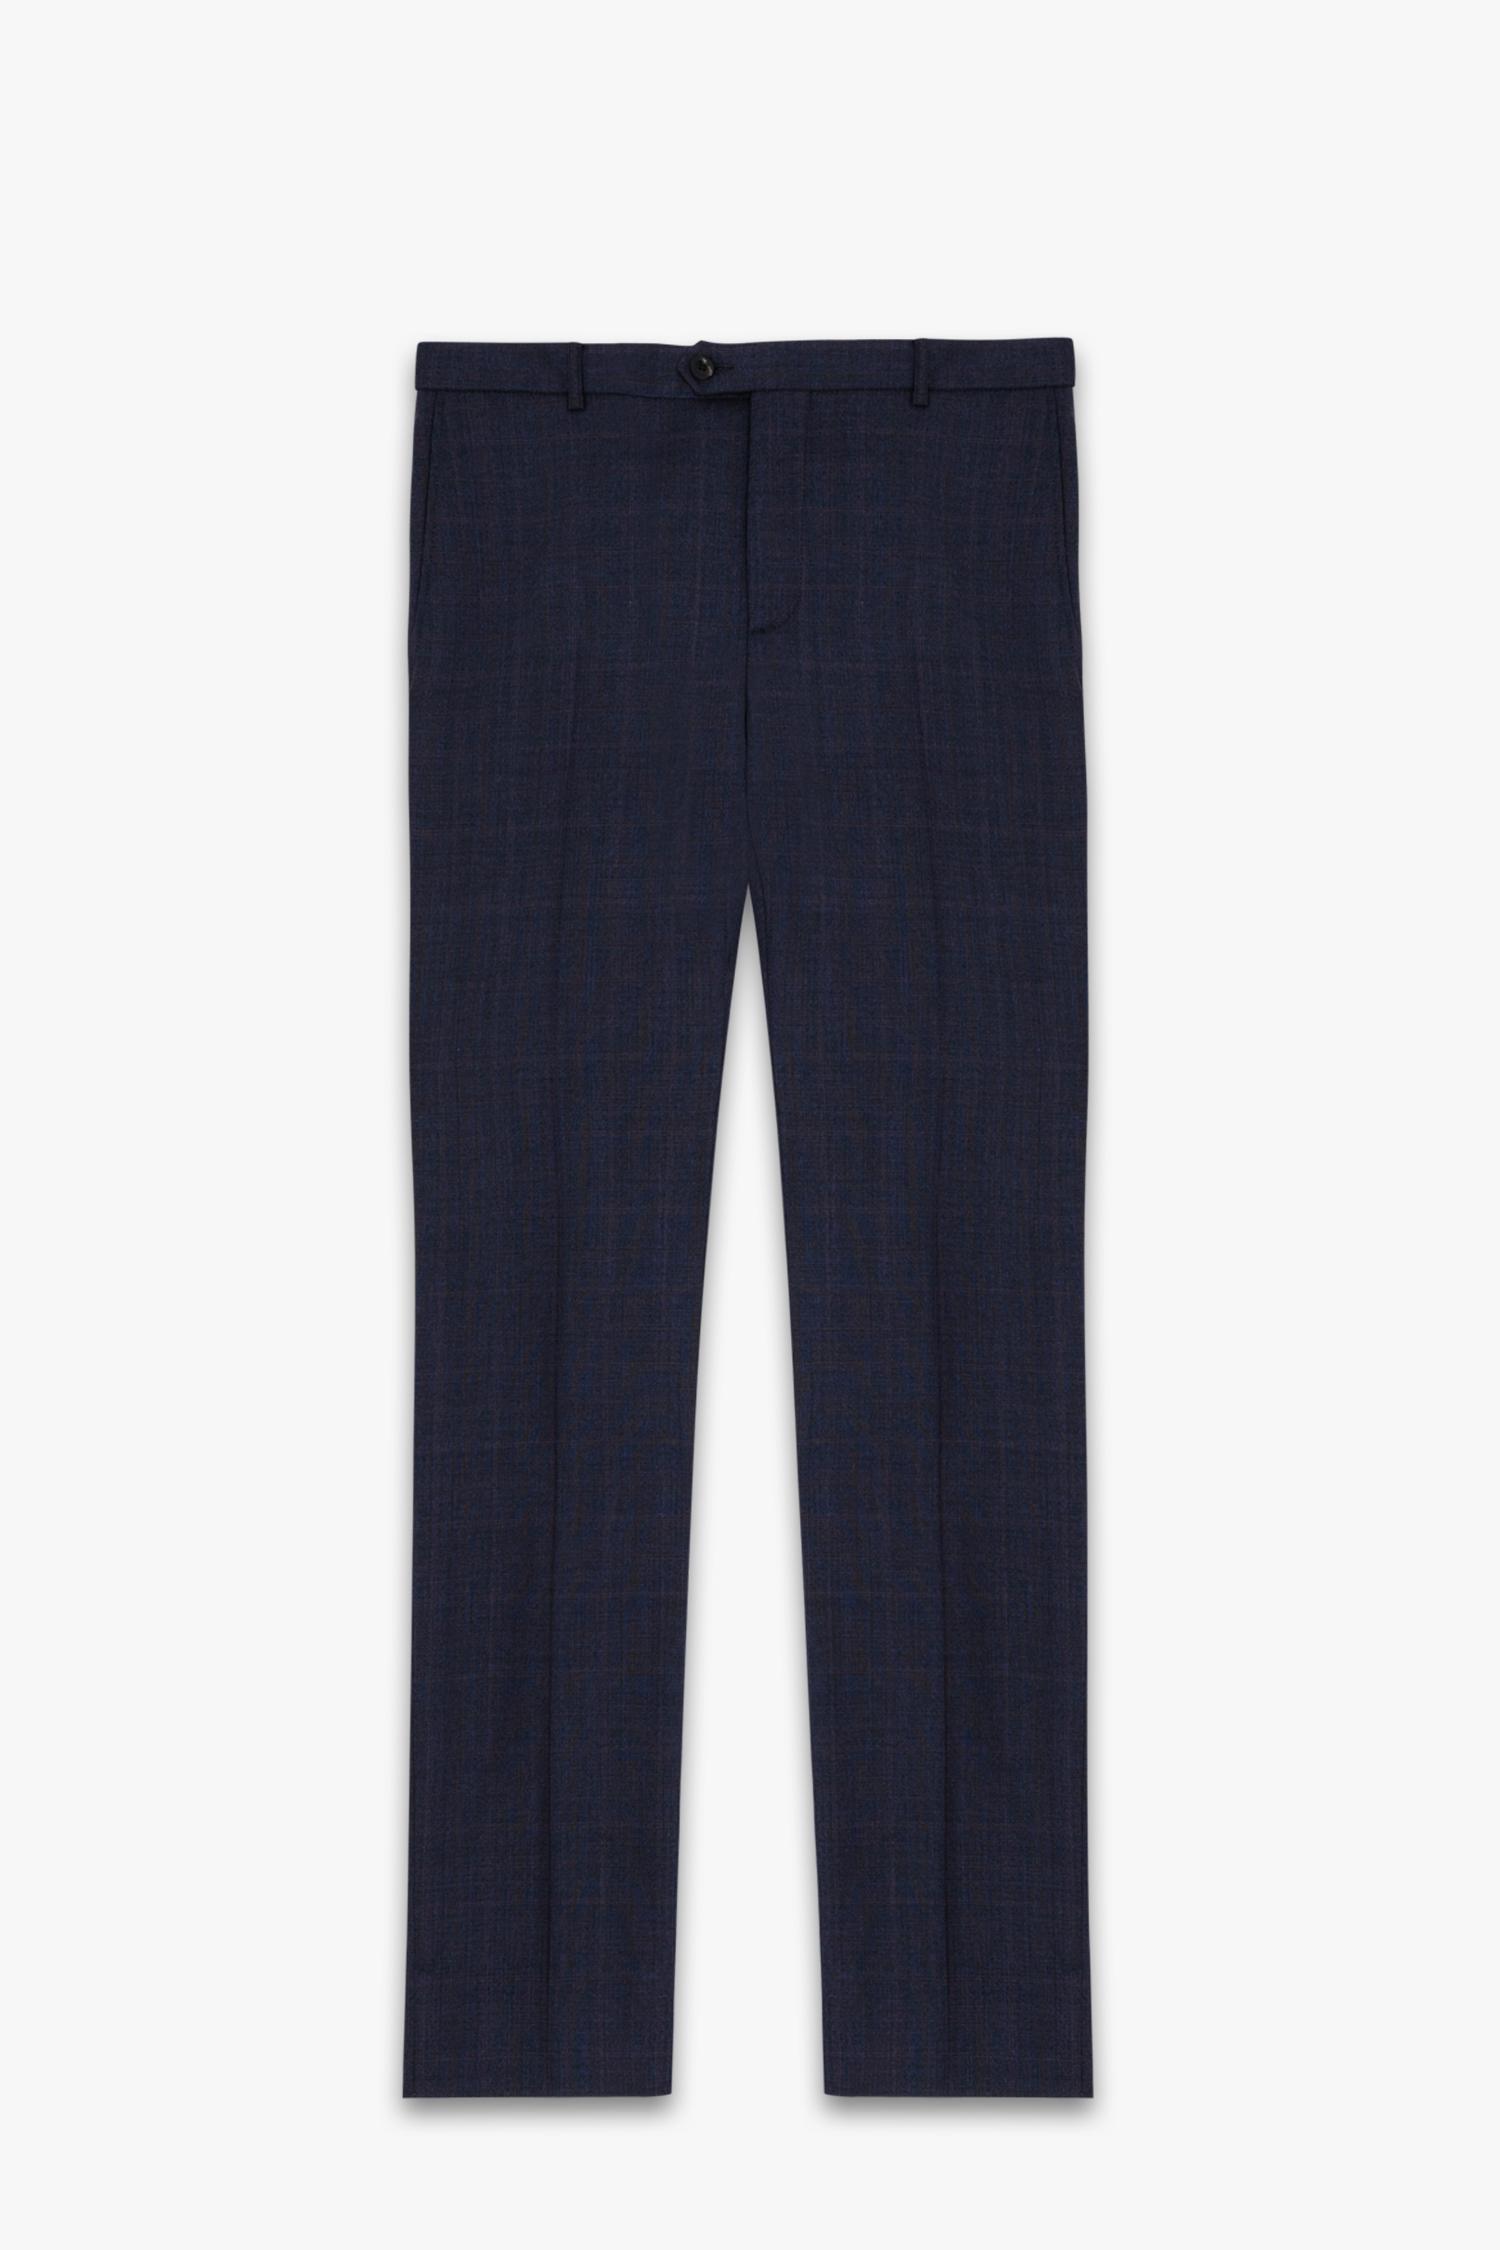 pantalon-de-costume-a-carreaux-marine.jpg.png